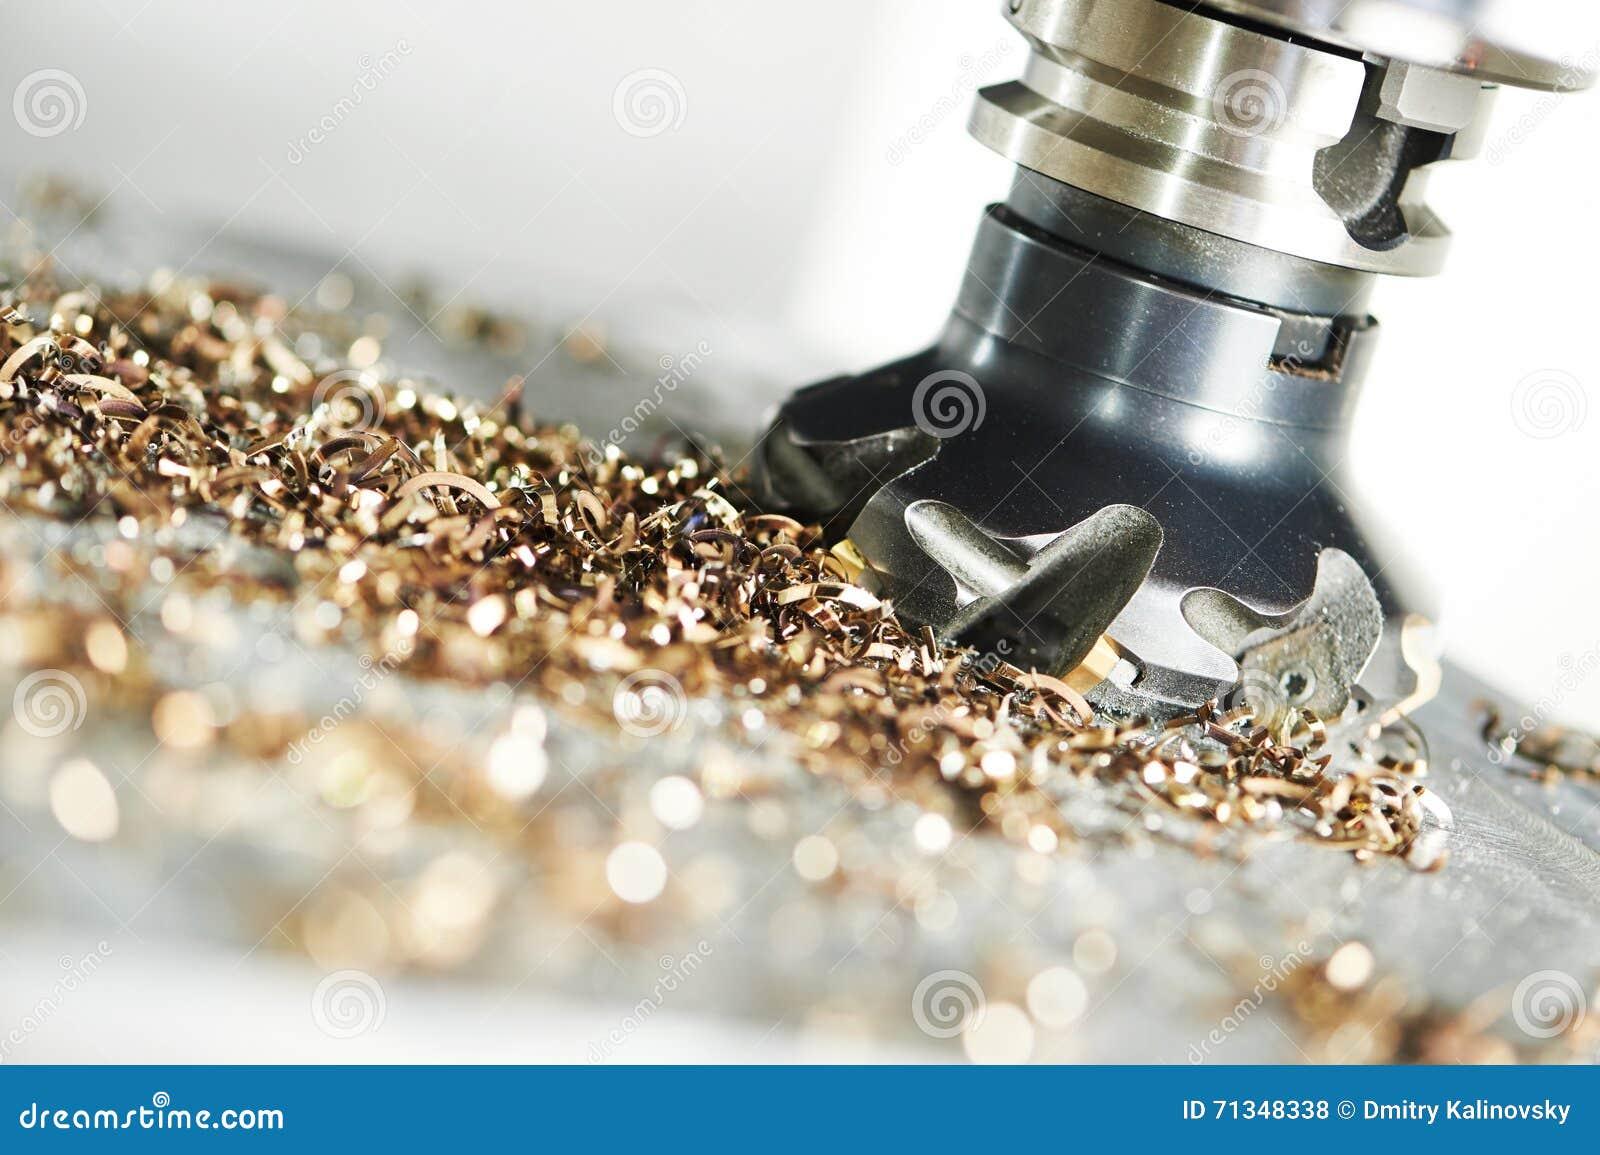 Processo metalúrgico industrial do corte pelo cortador de trituração